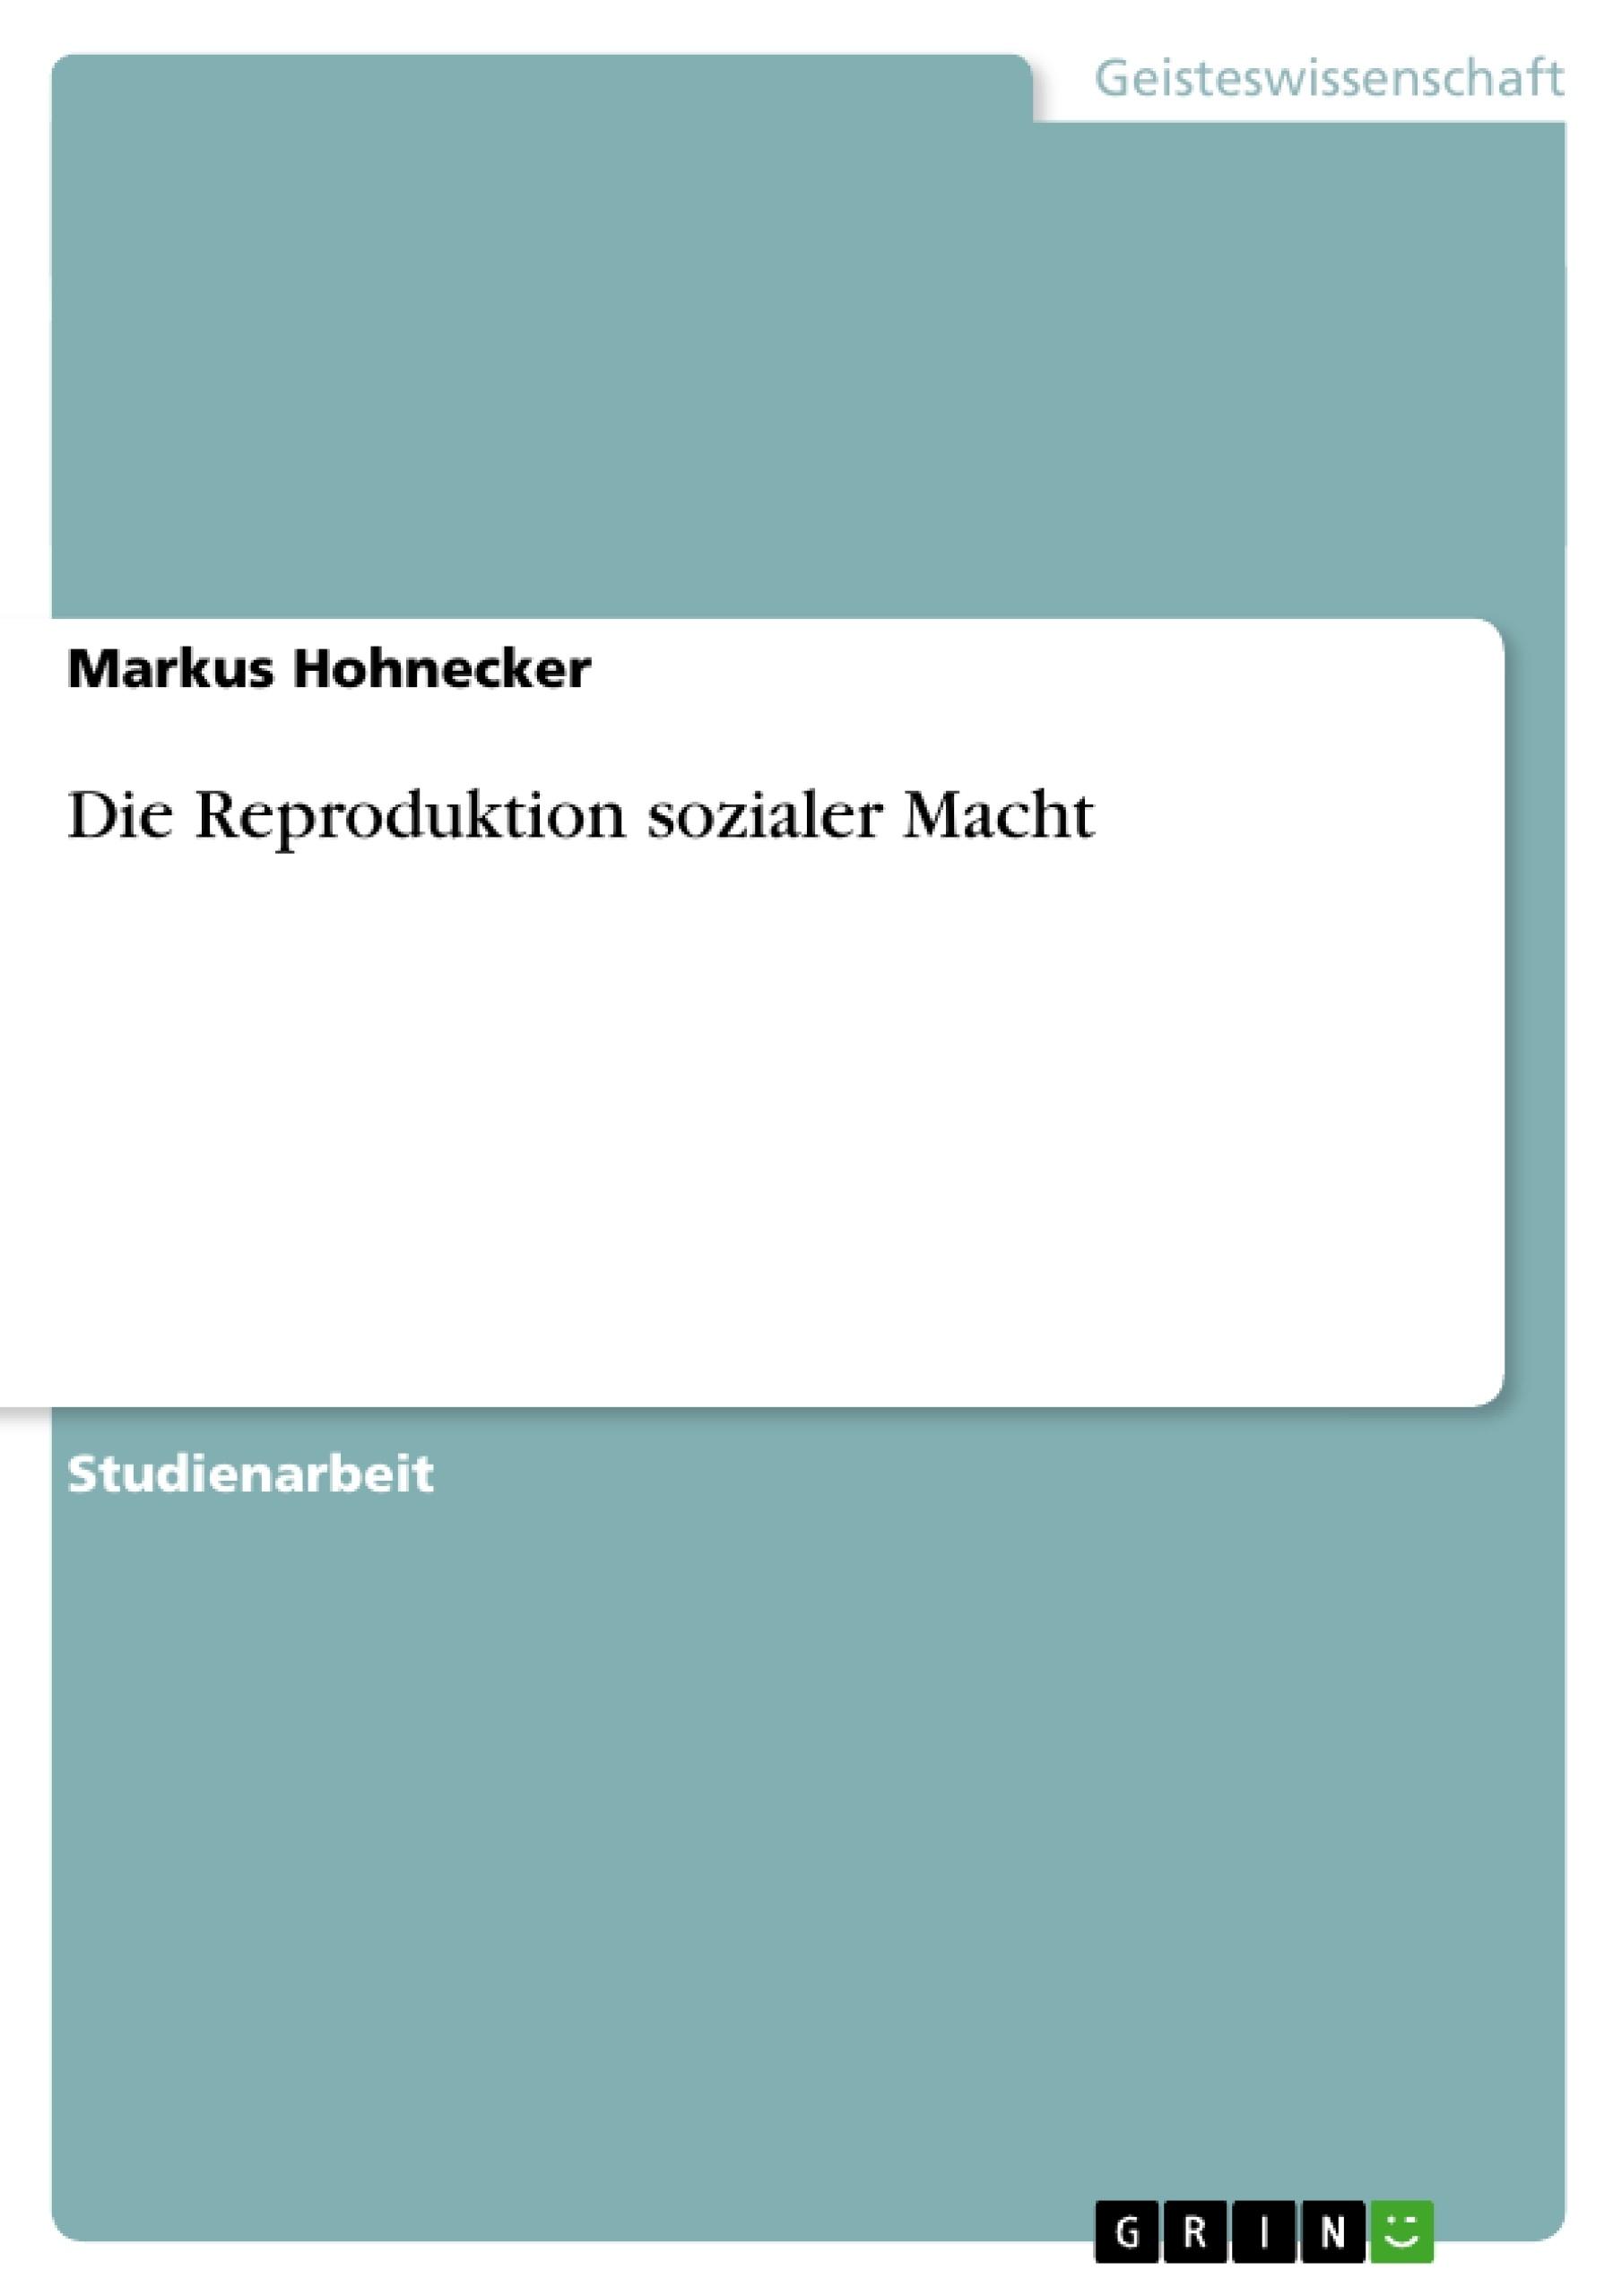 Titel: Die Reproduktion sozialer Macht